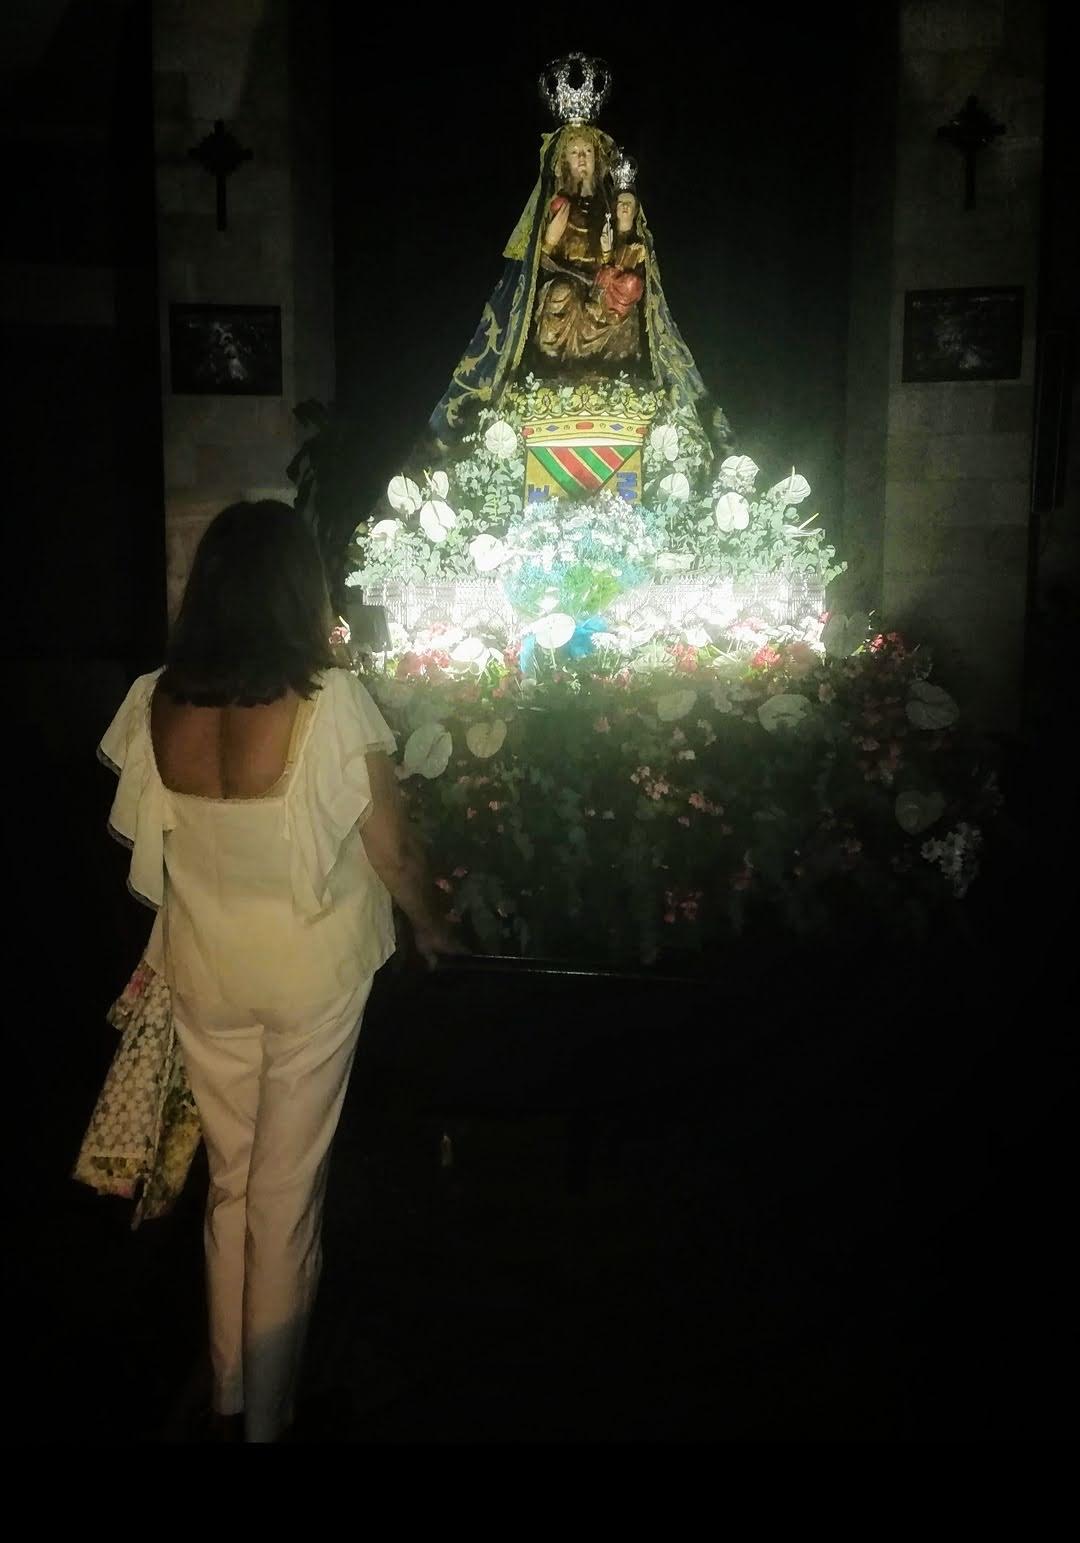 La abuela reza ante la figura de la virgen de su ciudad